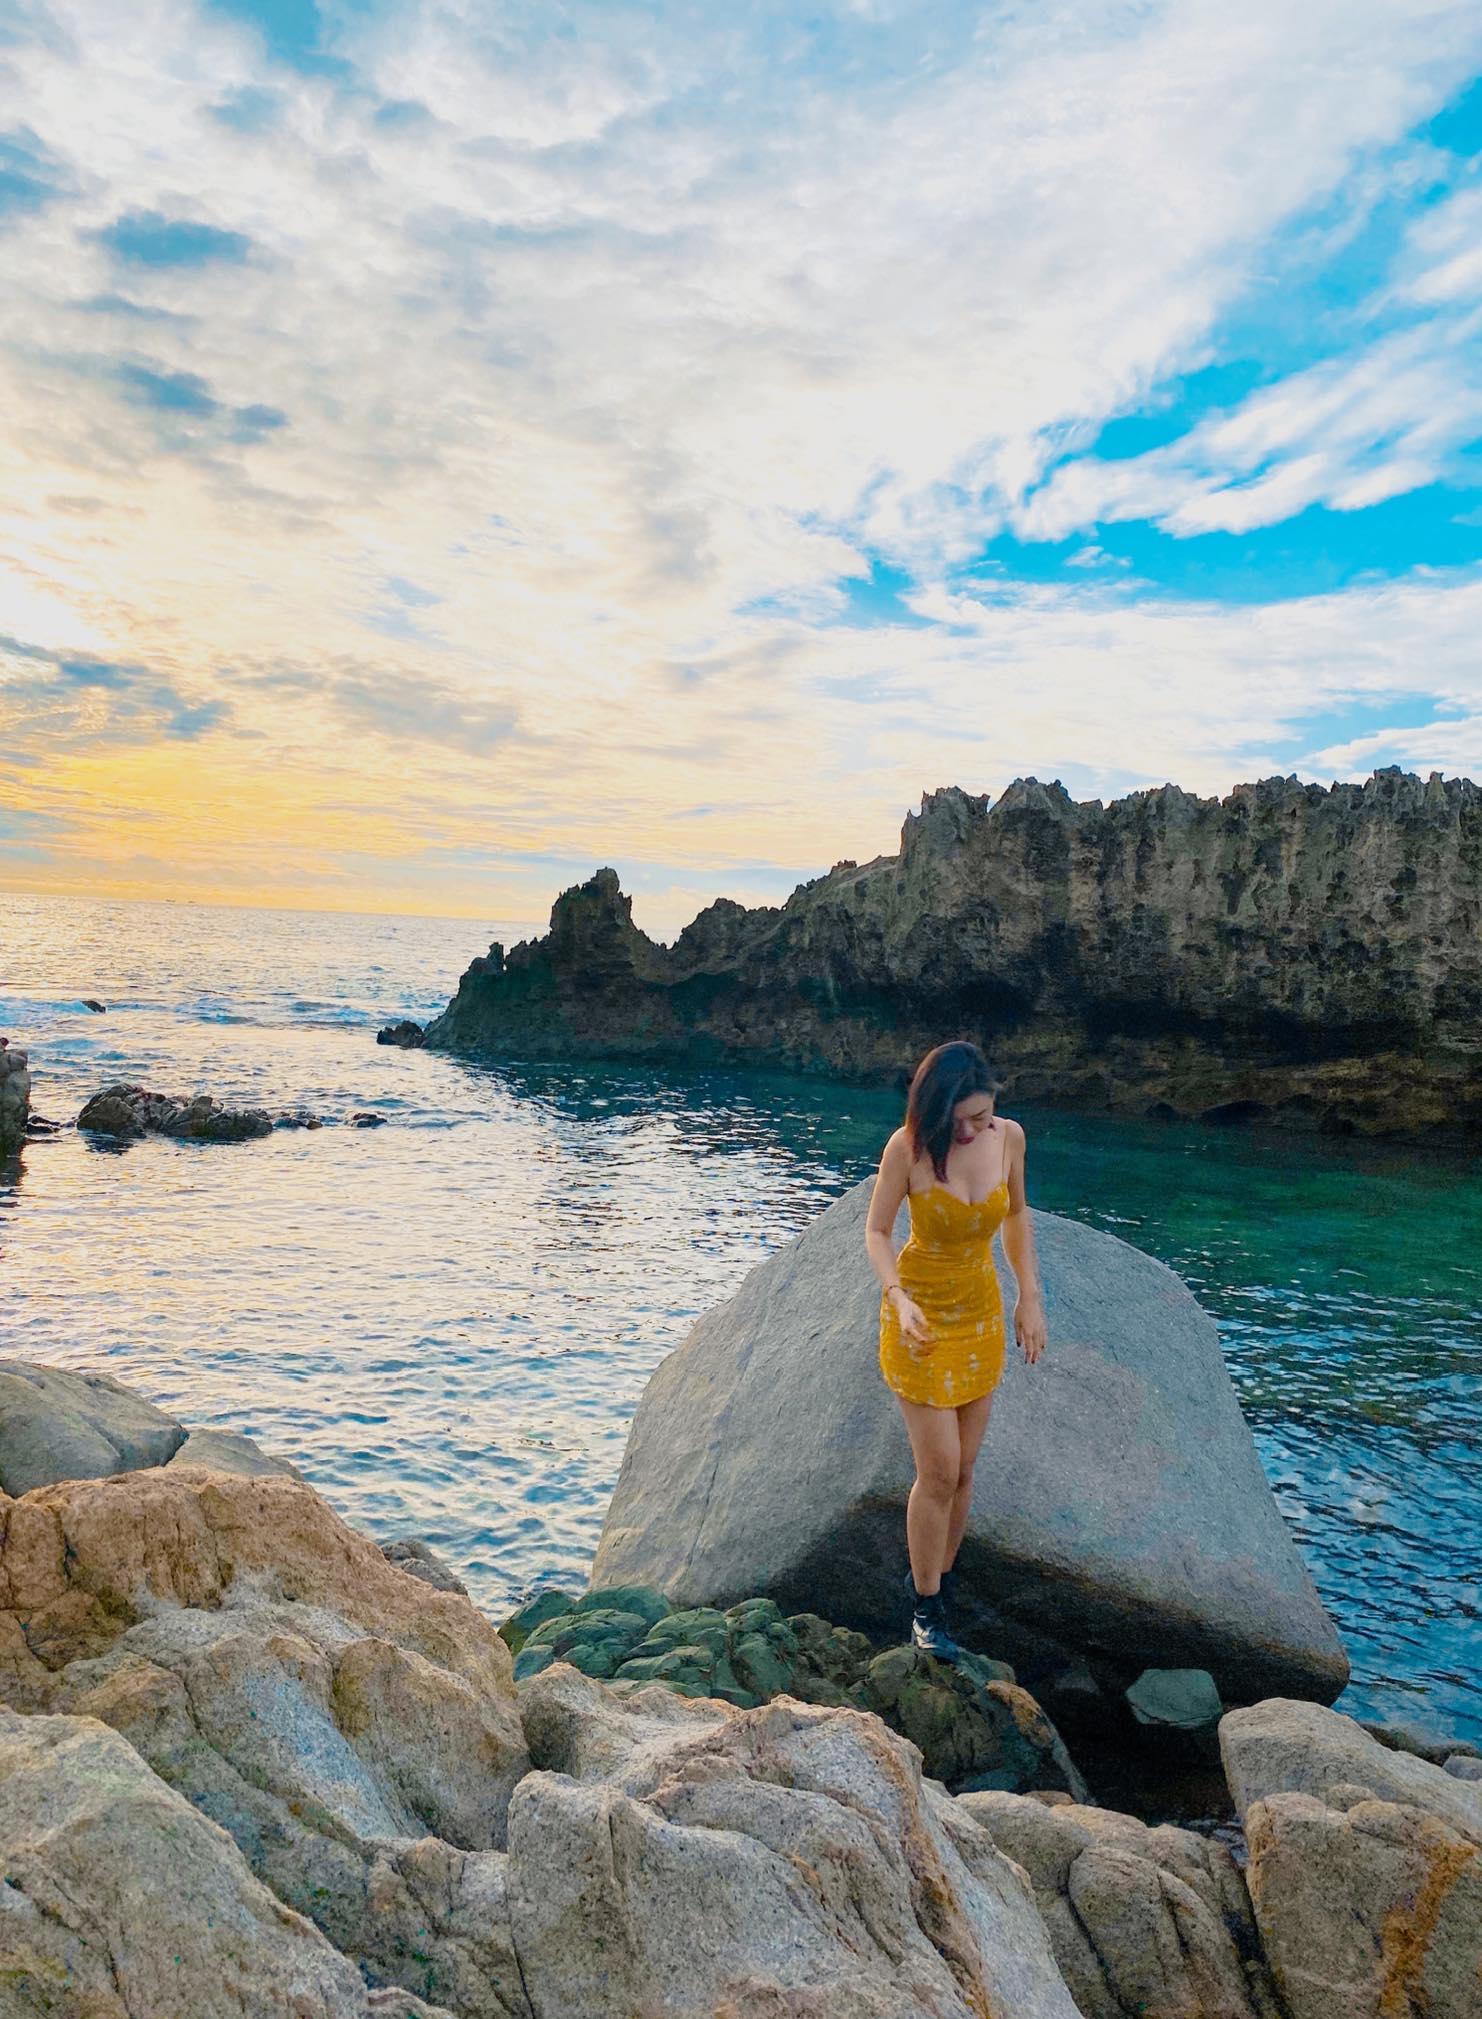 Hang Rái, Ninh Thuận, du lịch biển, du lịch chất, tuân cuồng chân